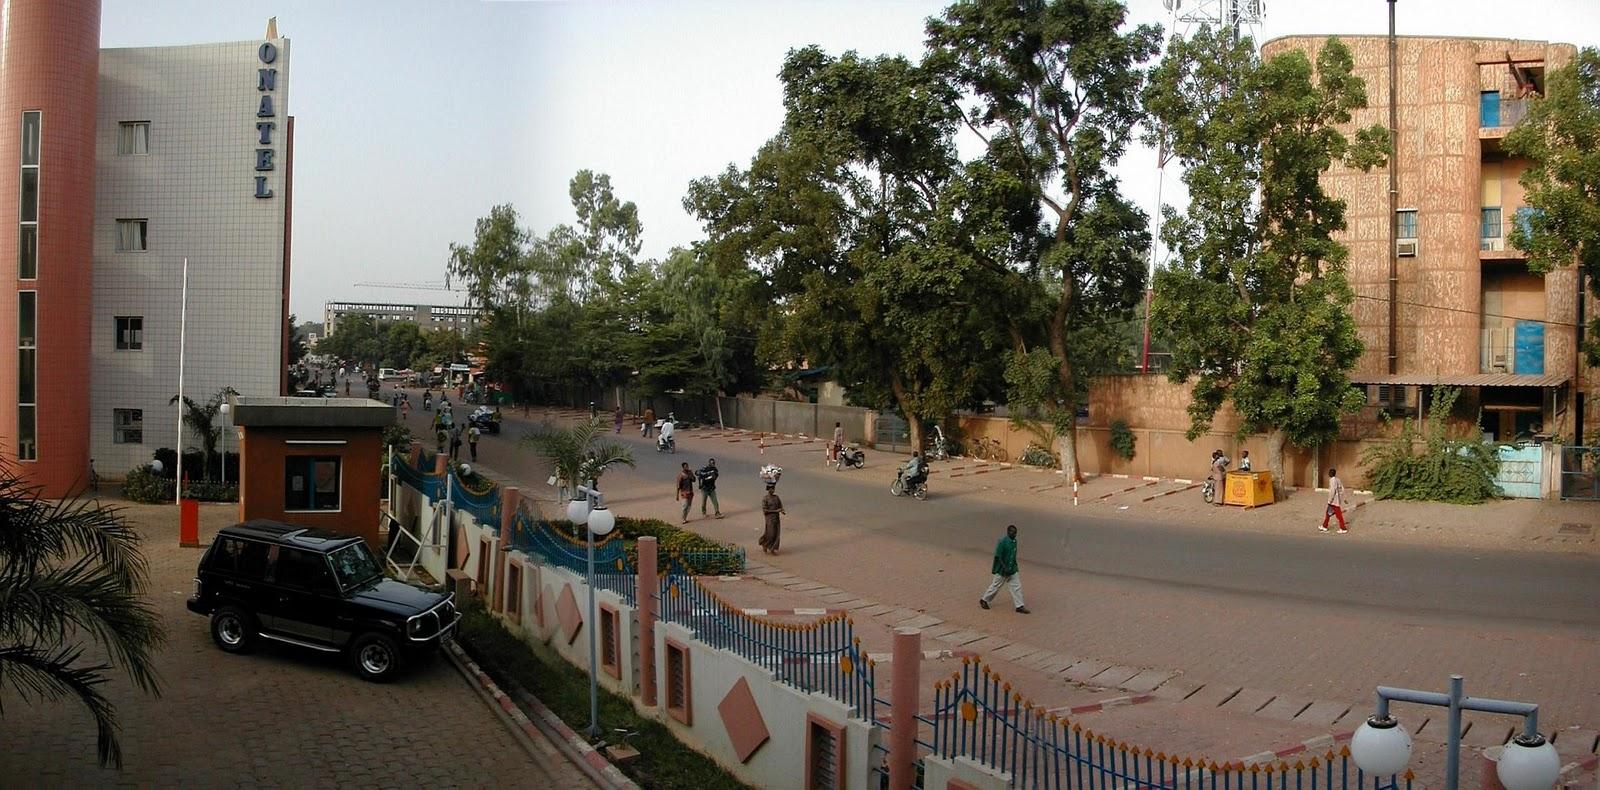 https://2.bp.blogspot.com/_e45GK4i1E8M/TQ9bjZIEYRI/AAAAAAAABnE/e4NvHZTY6Wc/s1600/Burkina_Faso-Ouagadougou-wsffortin.jpg